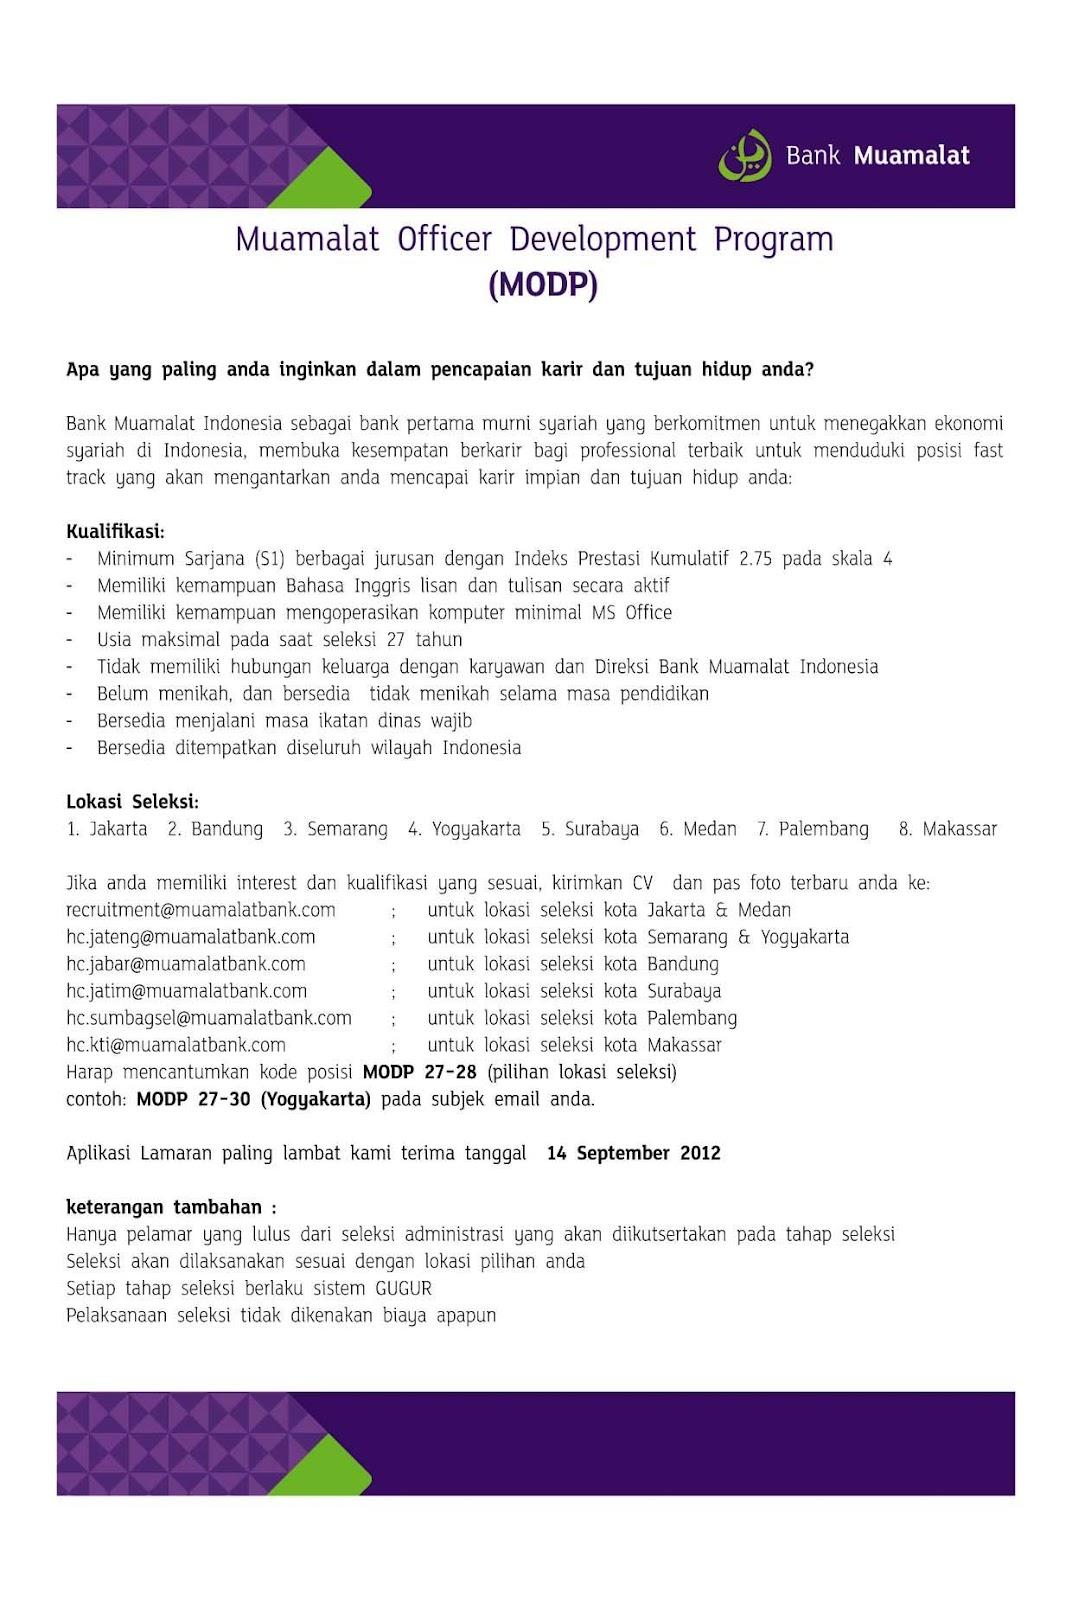 bhs essay indonesia Nonton movie nonton film online bioskop online sub indo kamu harus mencoba nonton movie disini bioskop keren indonesia.